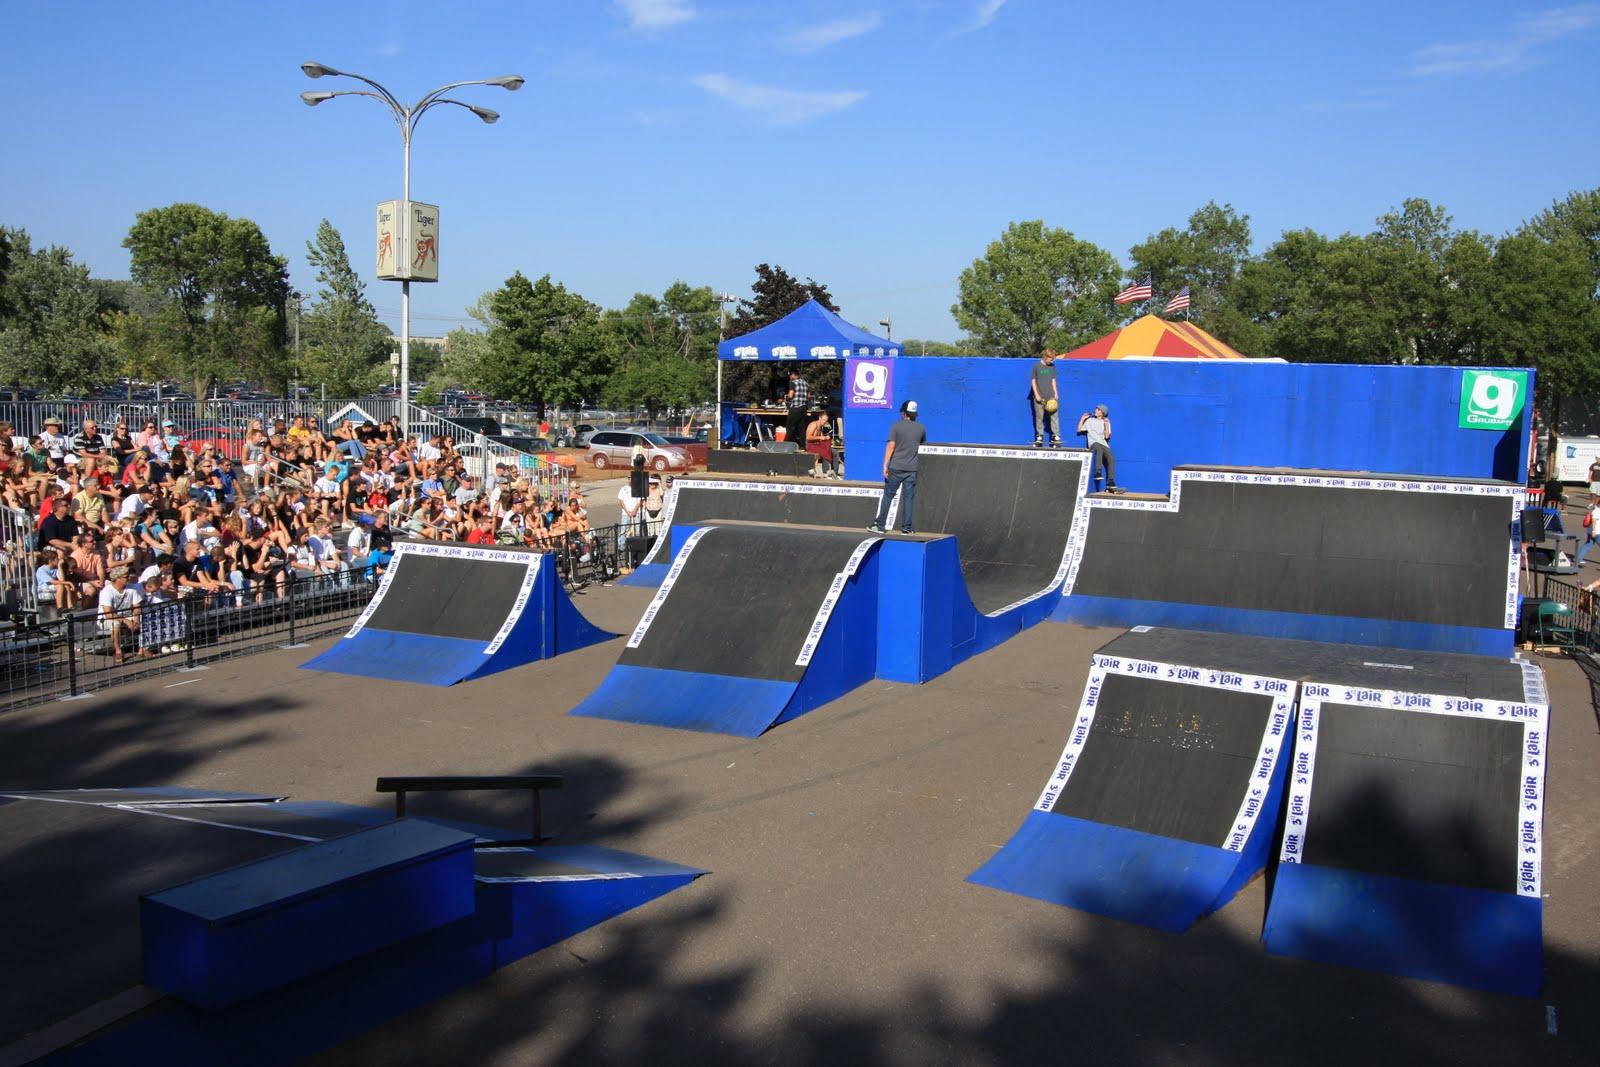 3rd lair demo team mobile skatepark 3rd lair skatepark - Skateboard mobel ...